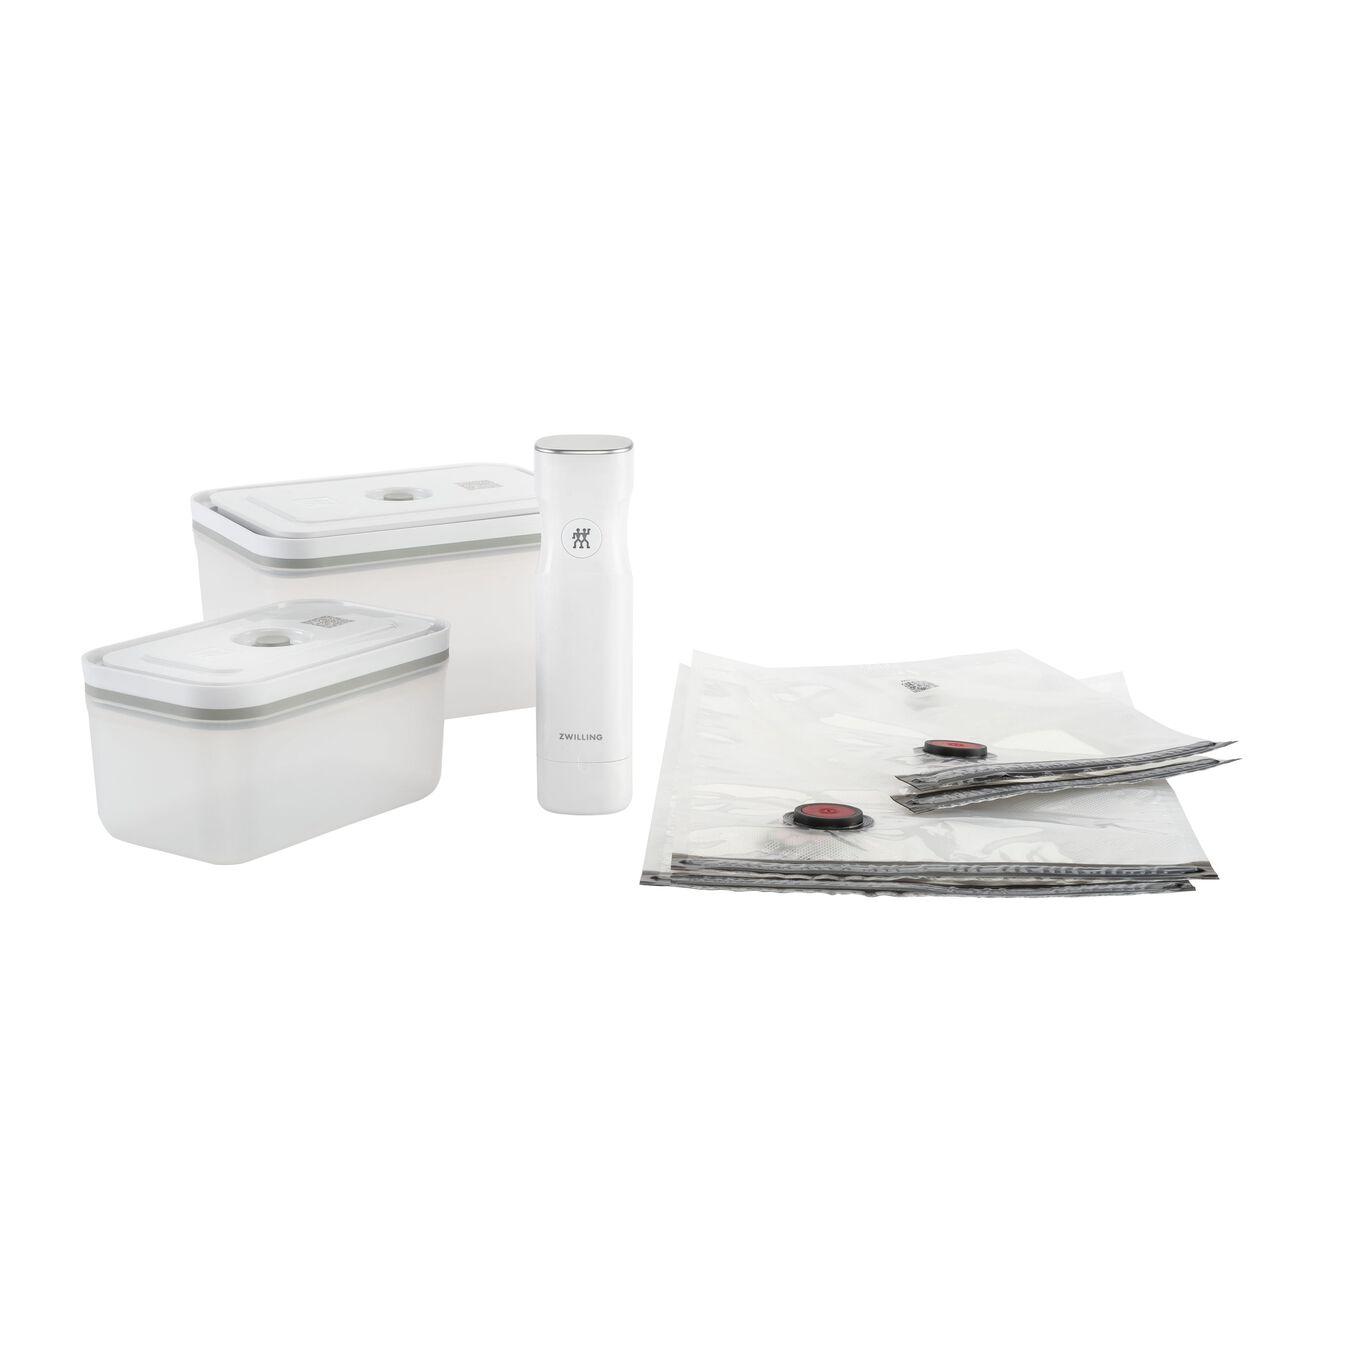 Vakuum Starterset, Kunststoff / M/L, 7-tlg, Weiß,,large 1